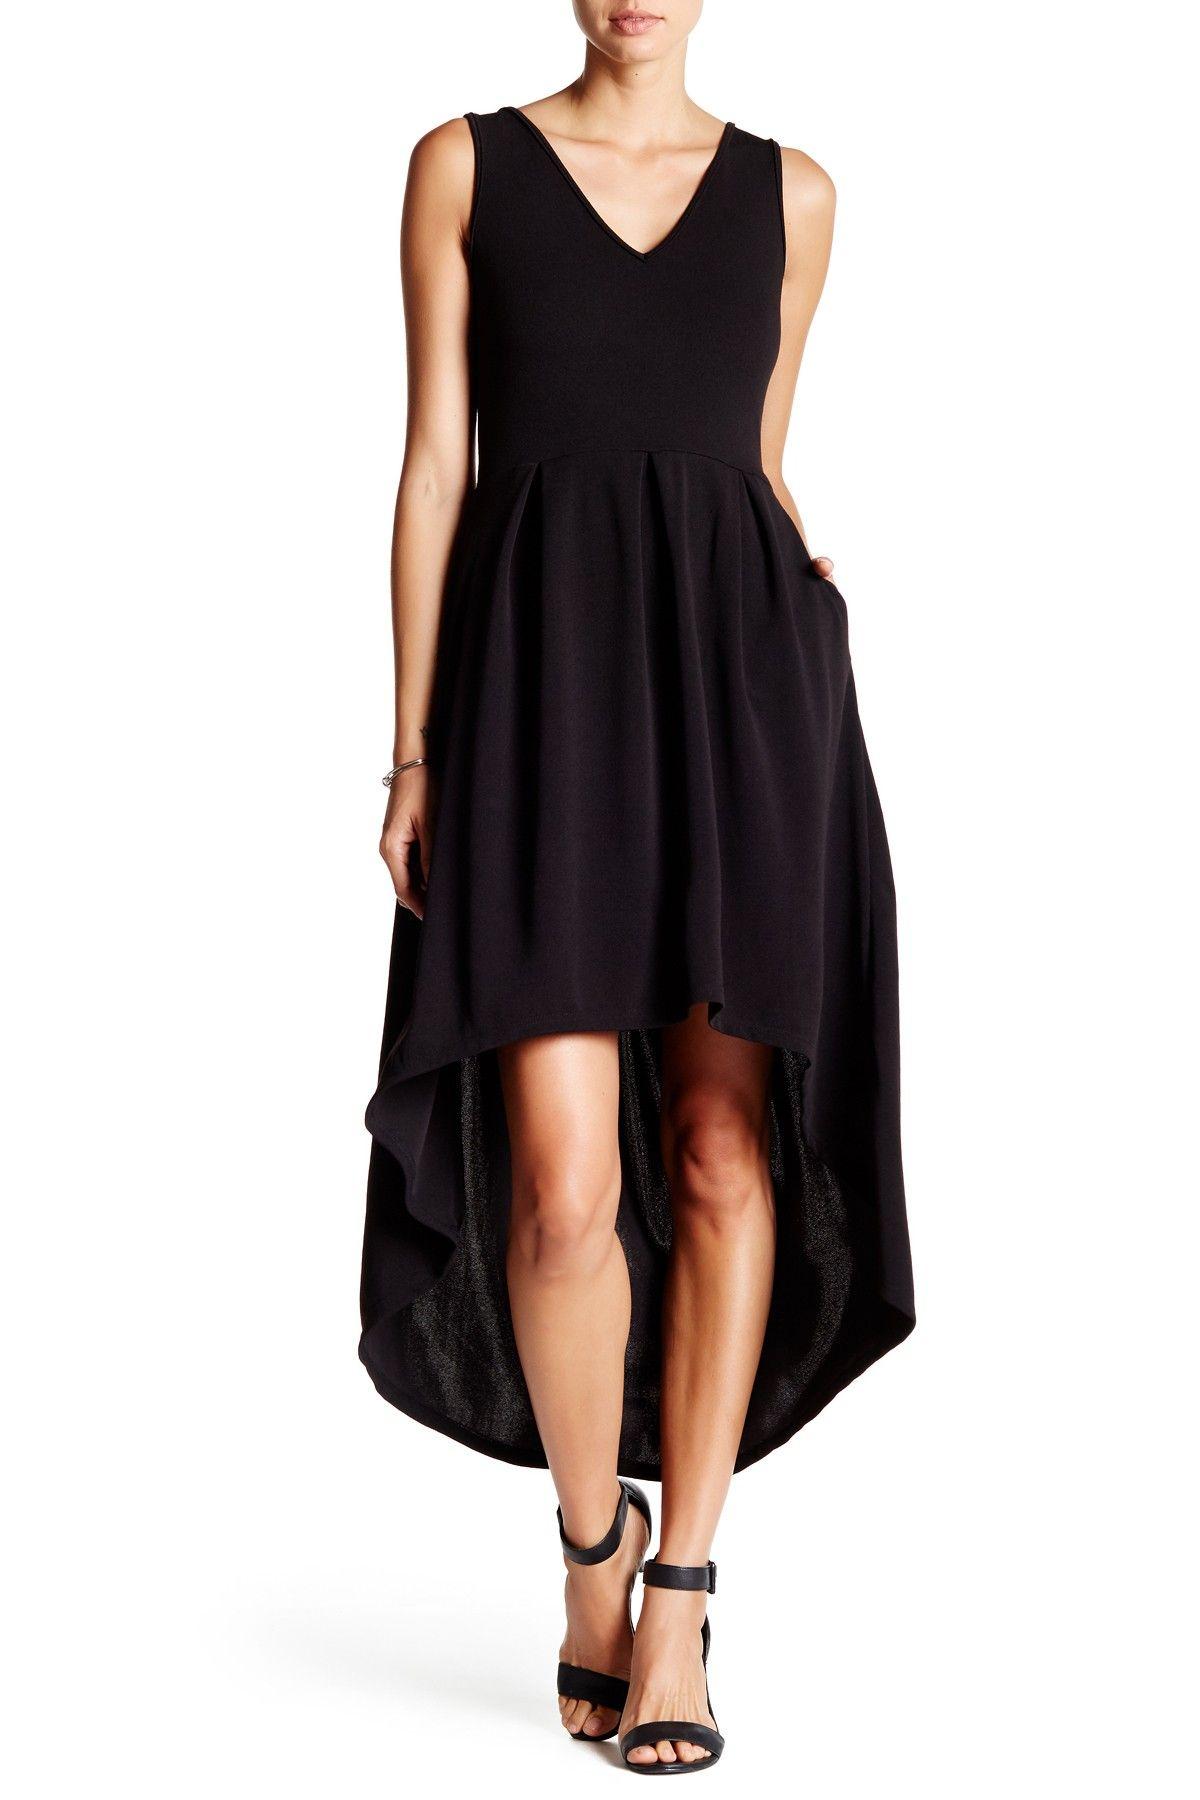 fe93b94d8e6 Nordstrom Rack Womens Plus Size Dresses - Data Dynamic AG